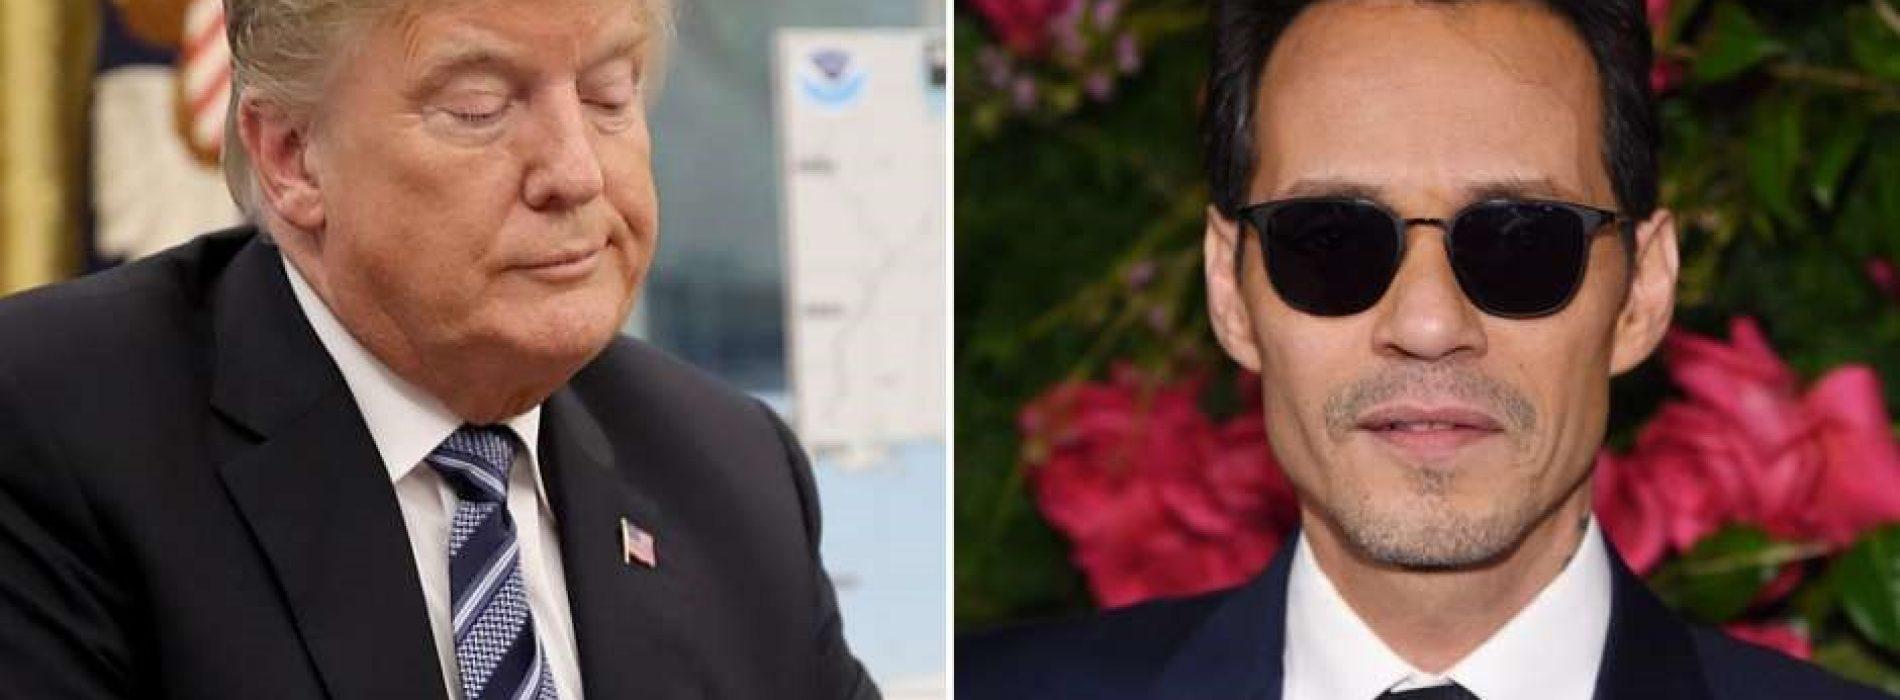 El durísimo ataque de Marc Anthony contra Donald Trump